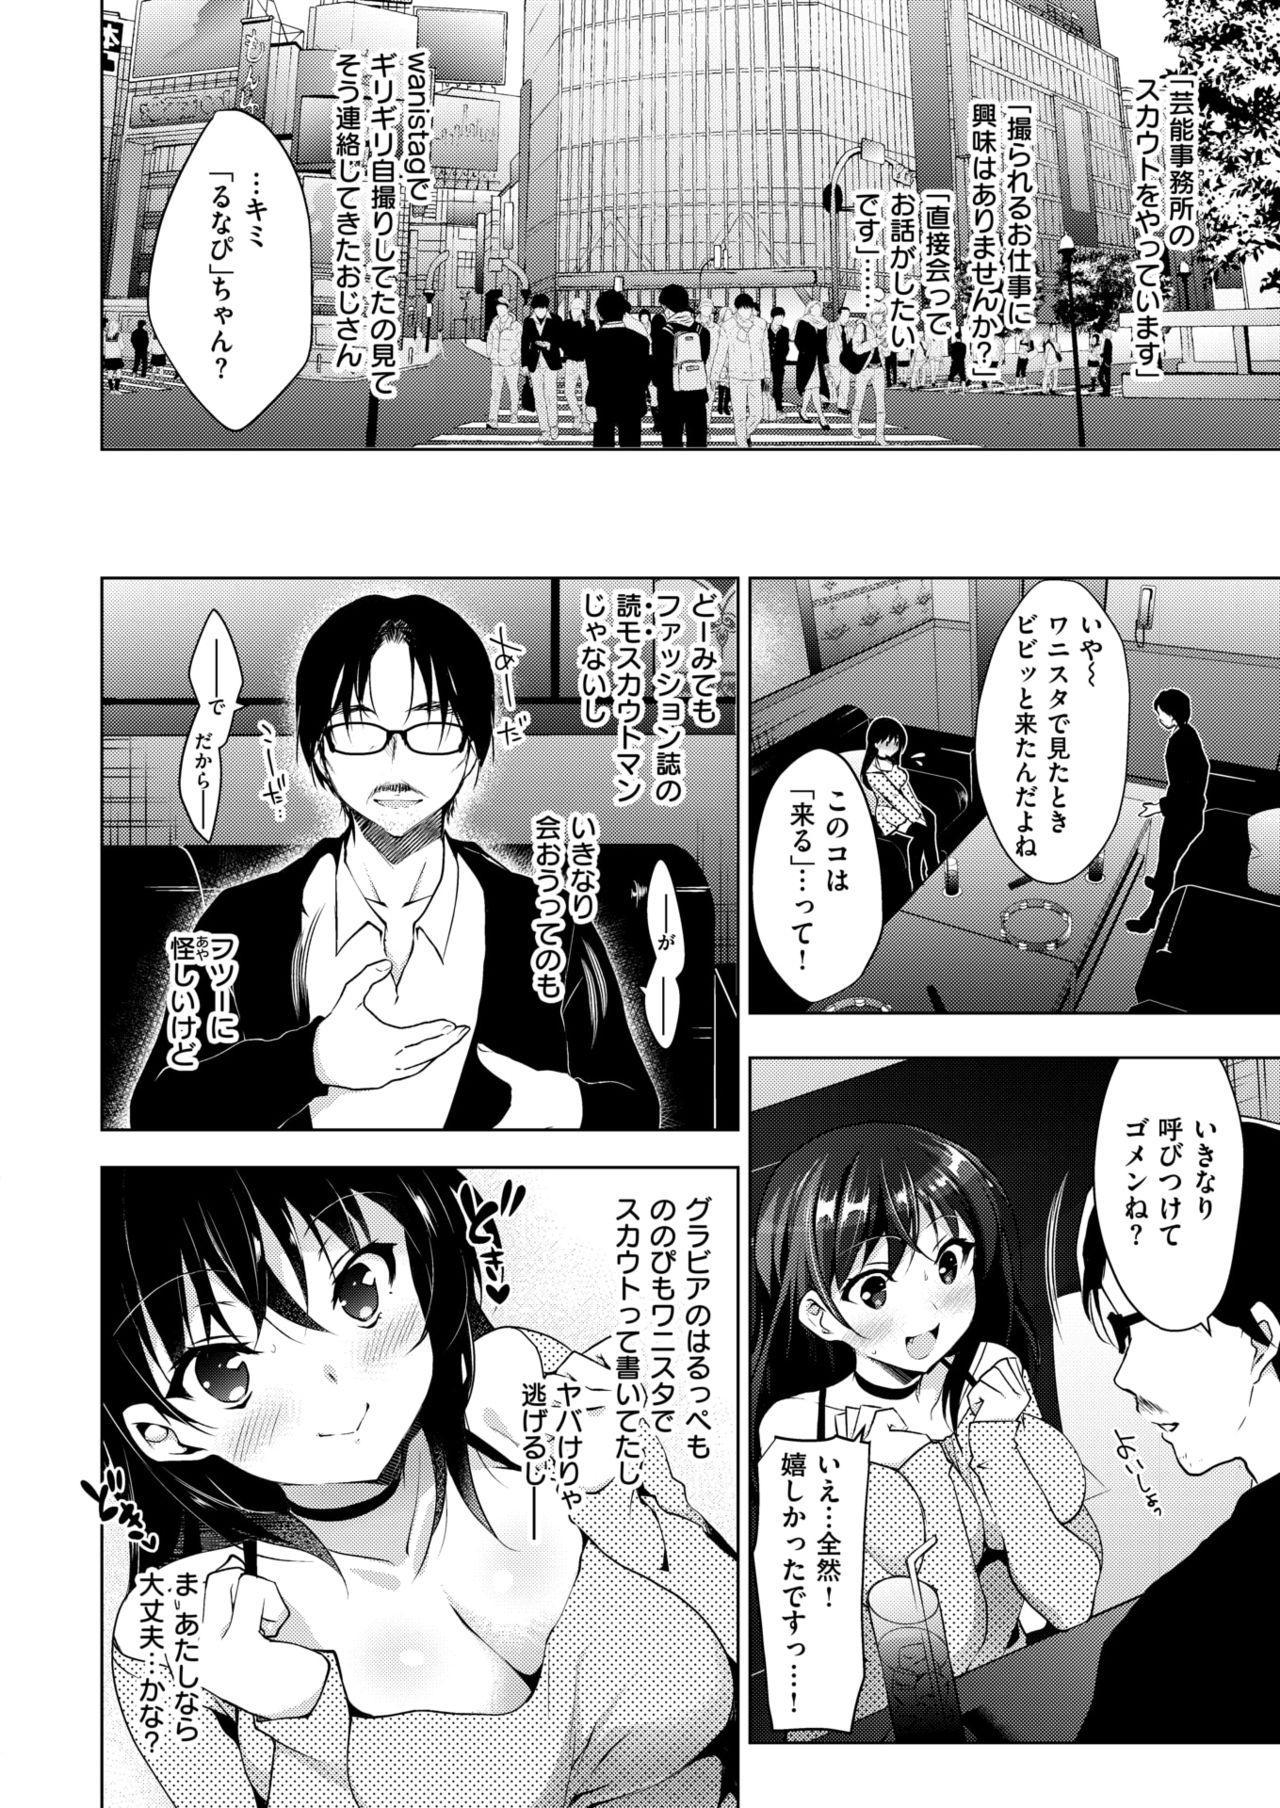 COMIC Shitsurakuten 2018-03 25